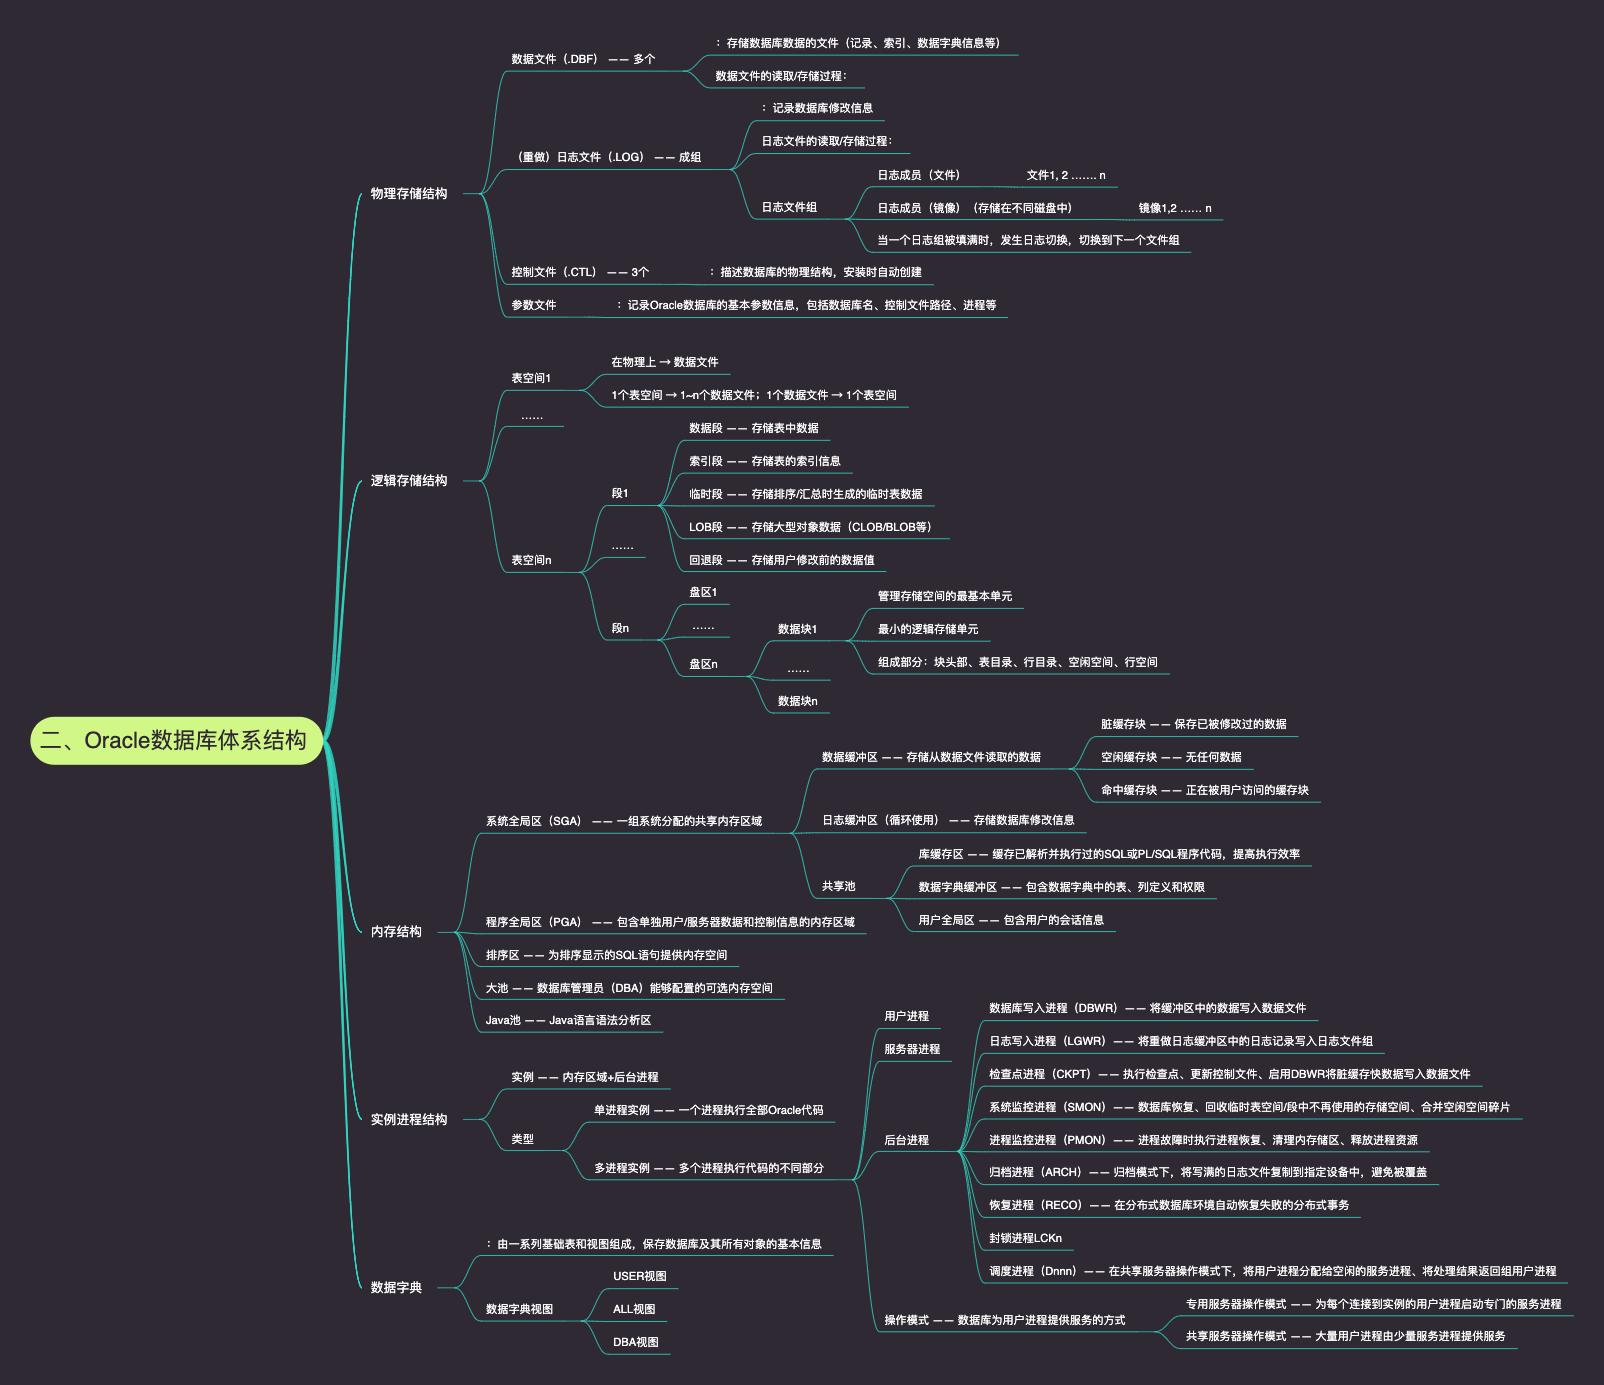 二、Oracle数据库体系结构